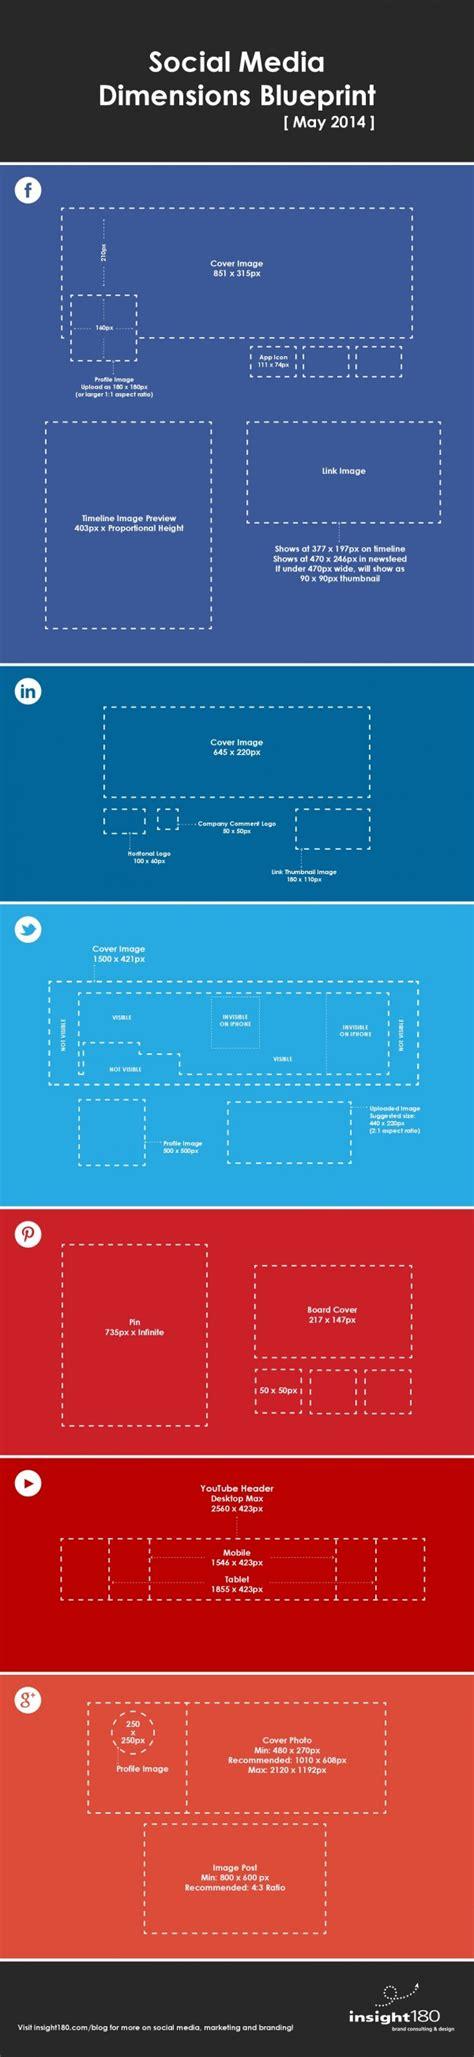 infografia tamaño imagenes redes sociales el tama 241 o s 237 importa en redes sociales anairas